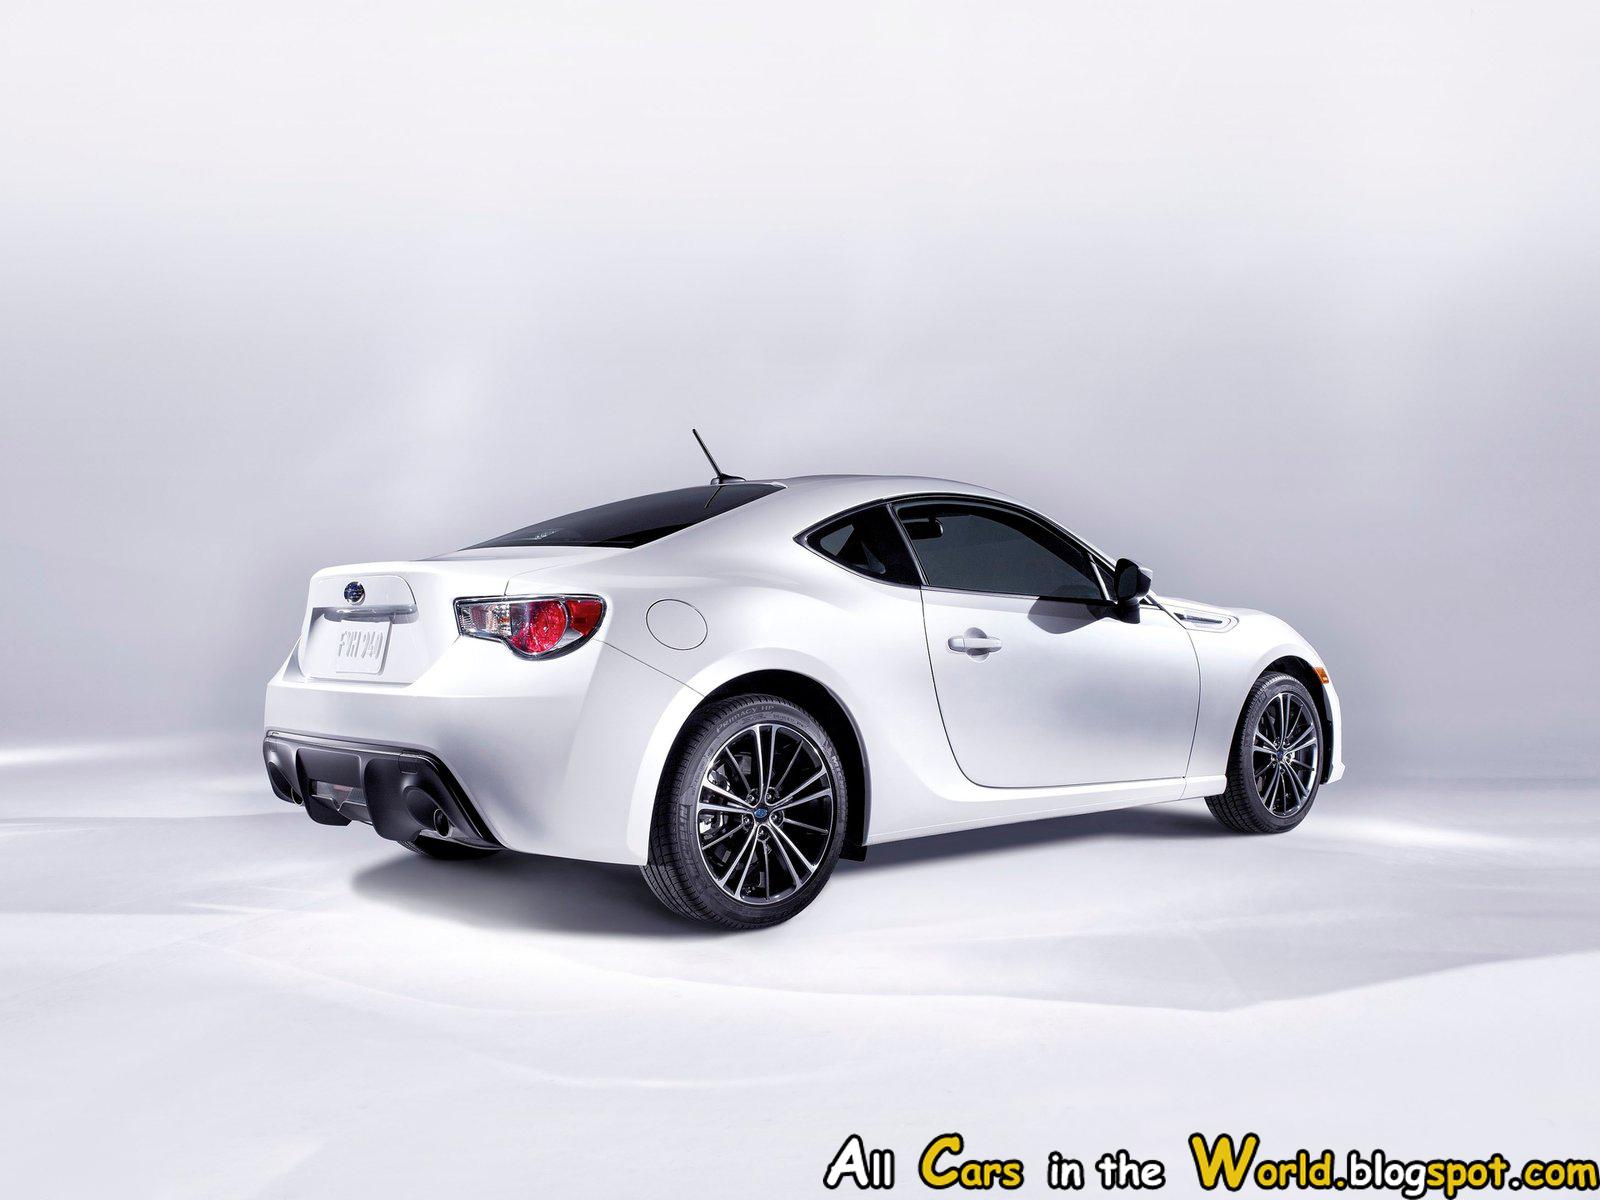 http://2.bp.blogspot.com/-bKn5VEST9bQ/UENRlJNuRyI/AAAAAAAACrQ/5sdcs3M6uJw/s1600/Subaru-BRZ_2013_1600x1200_wallpaper_02.jpg